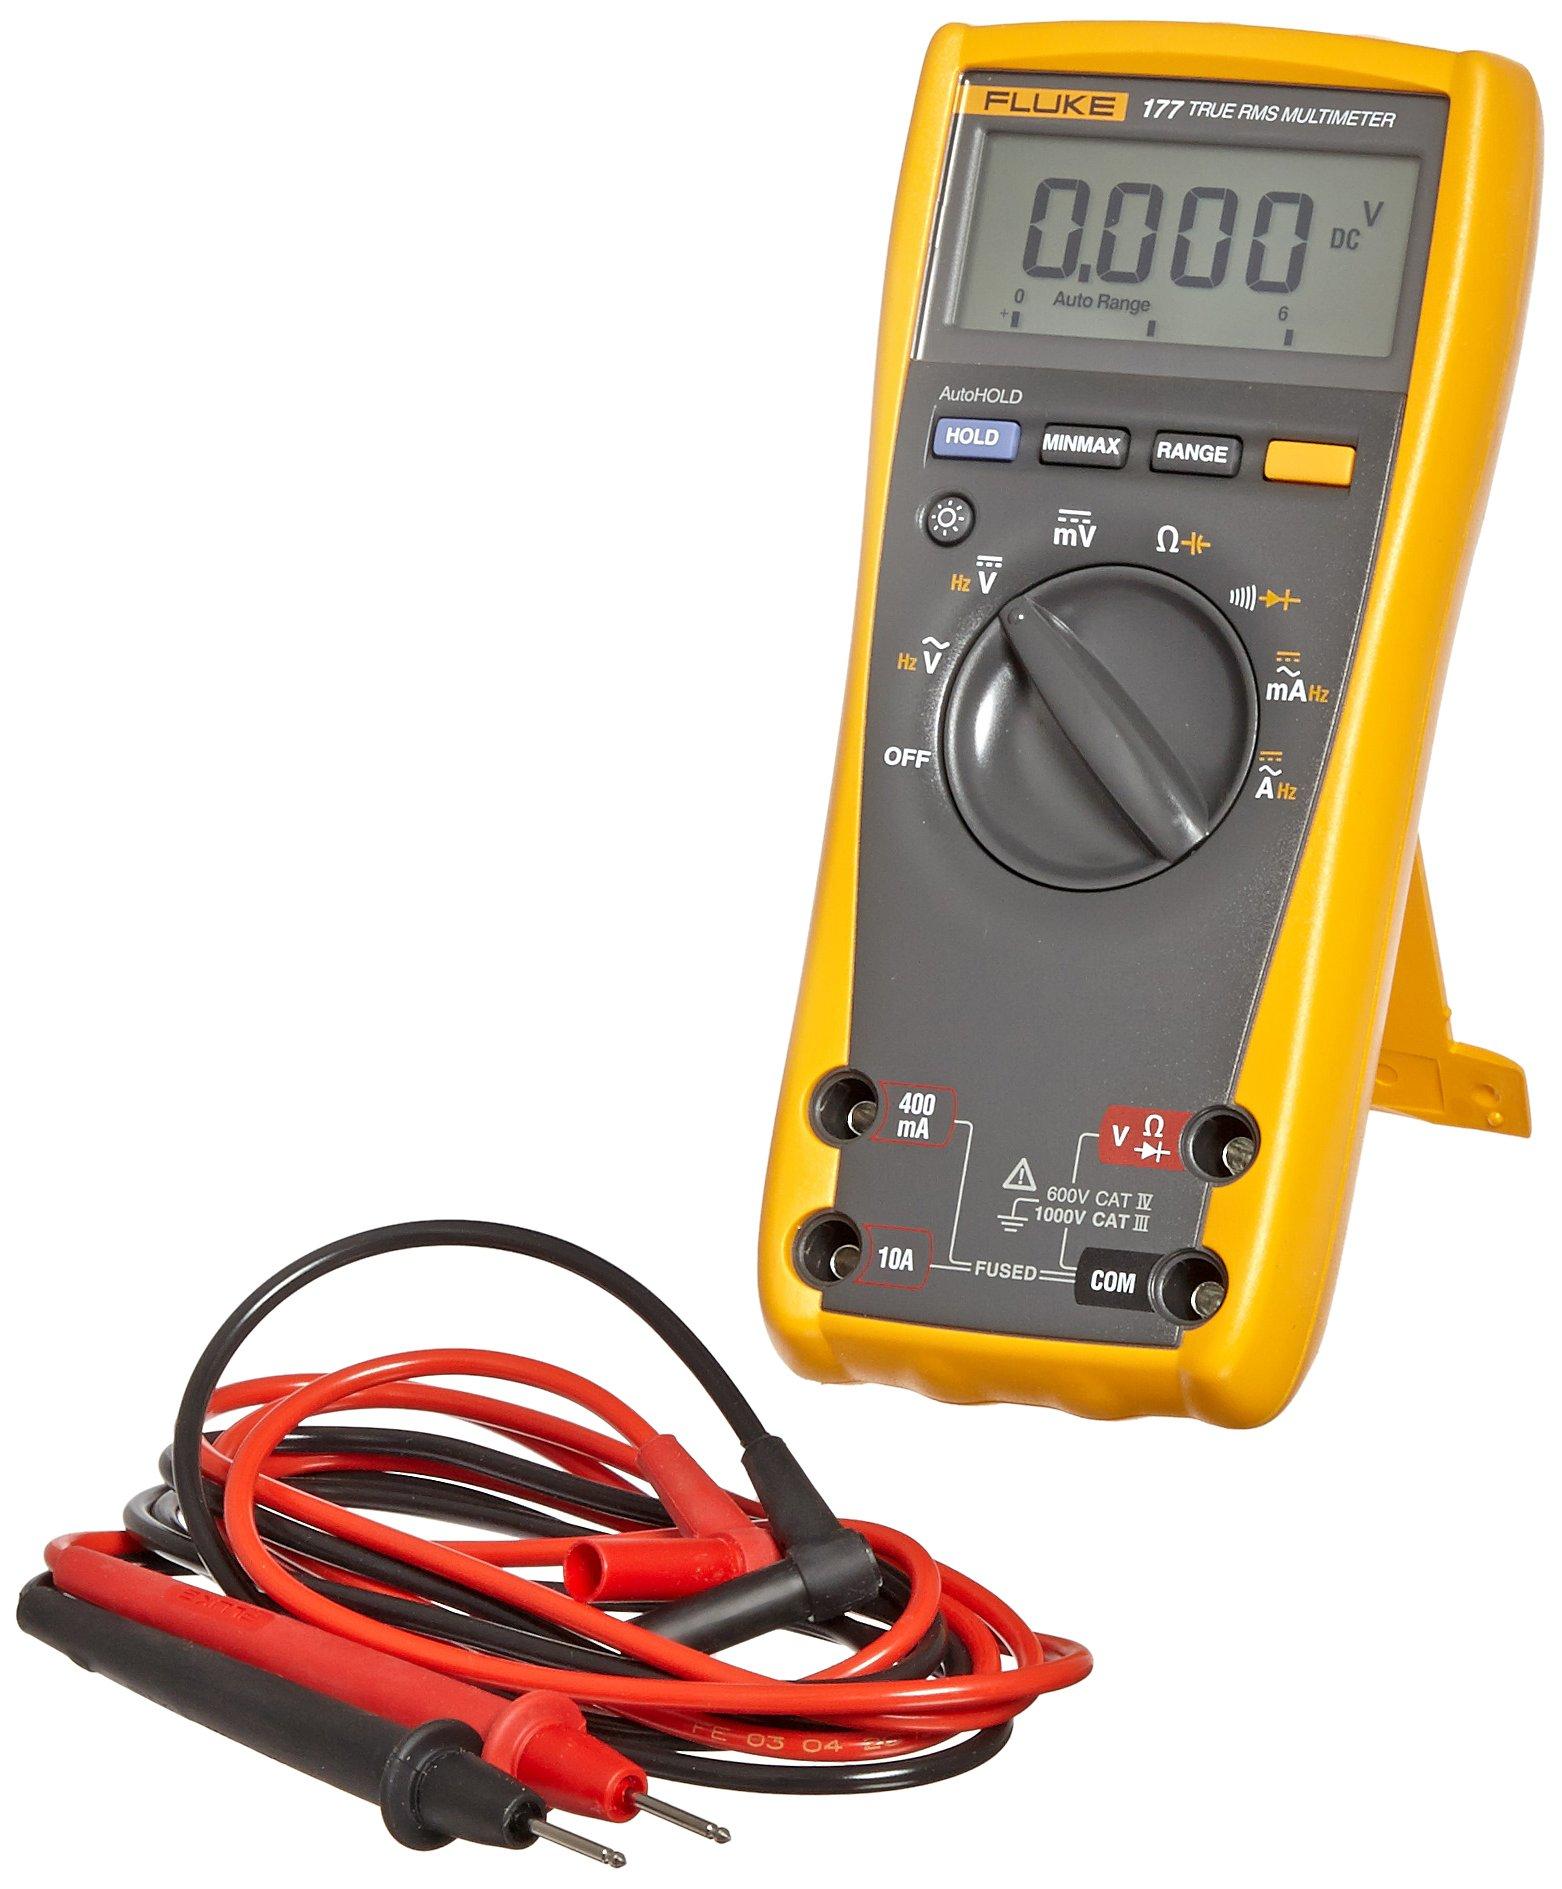 Cheap Fluke 177 True Rms Multimeter Manual, find Fluke 177